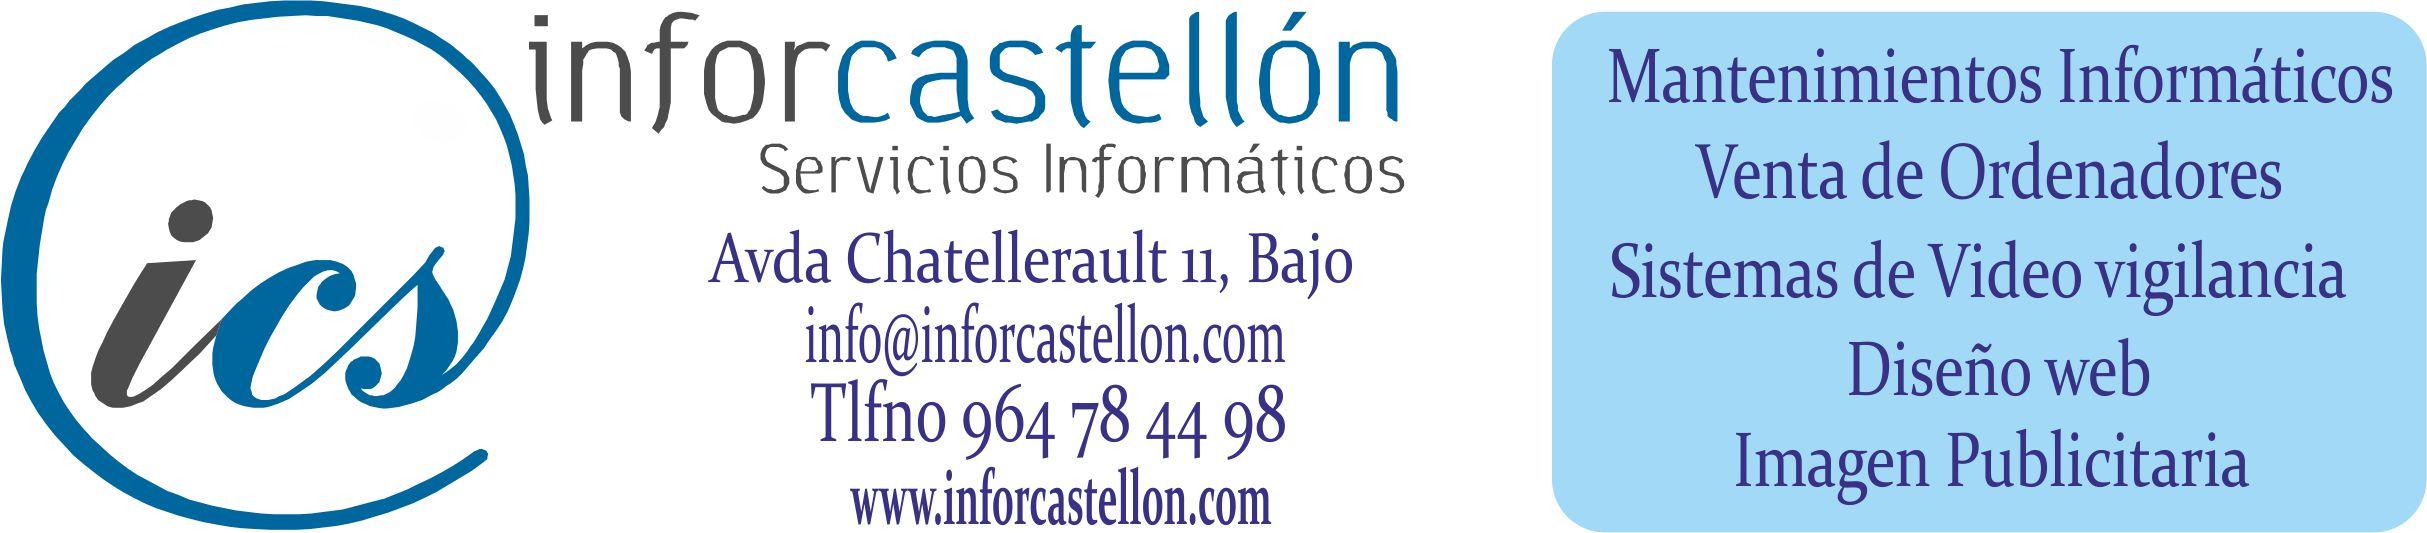 flyer inforcastellon paginas web 2014